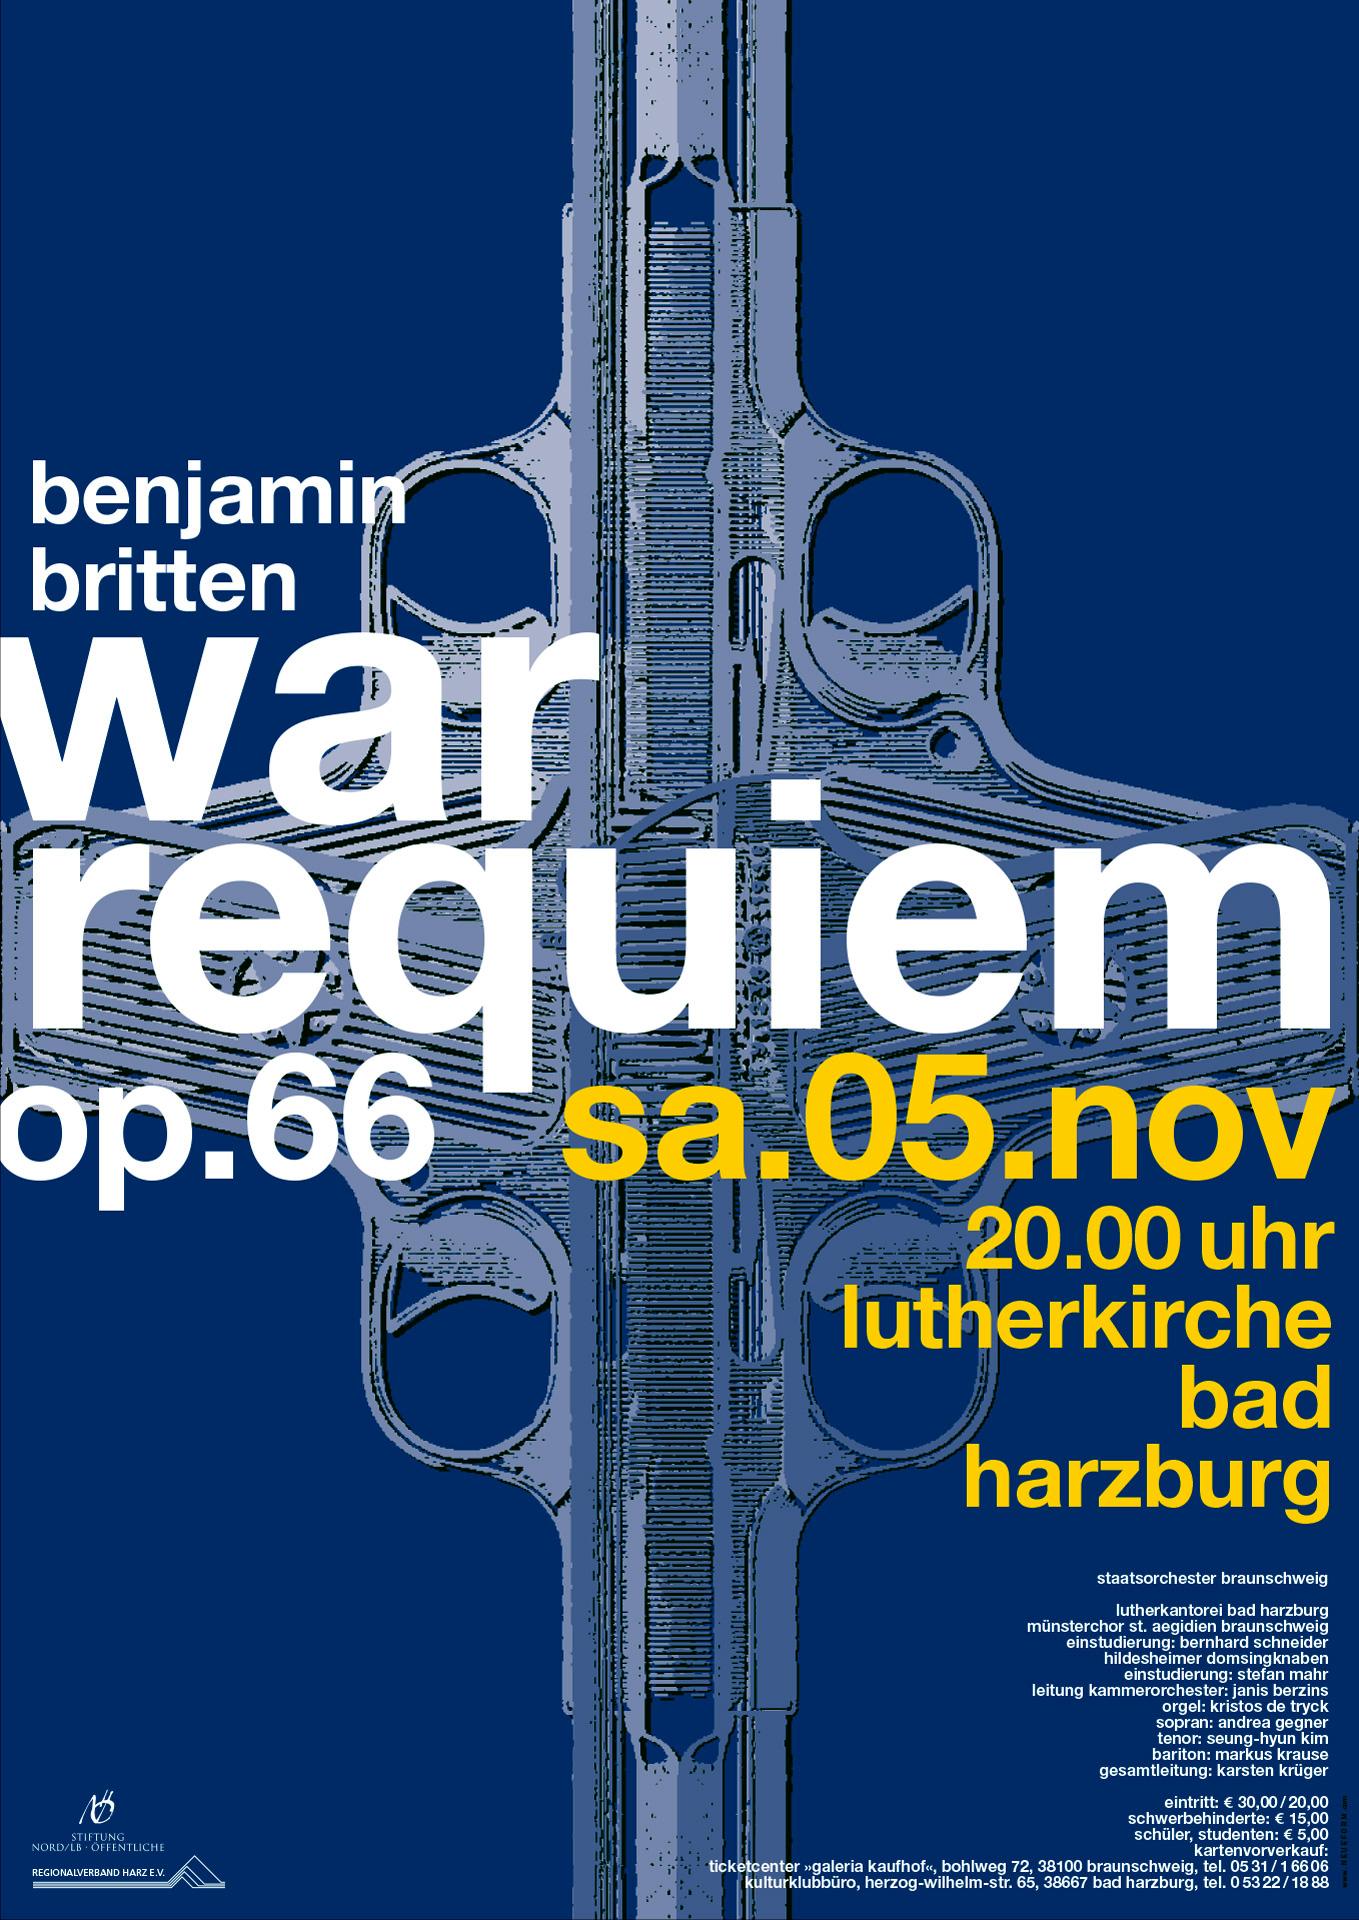 »war requiem« Bad Harzburg, Veranstaltungsplakat